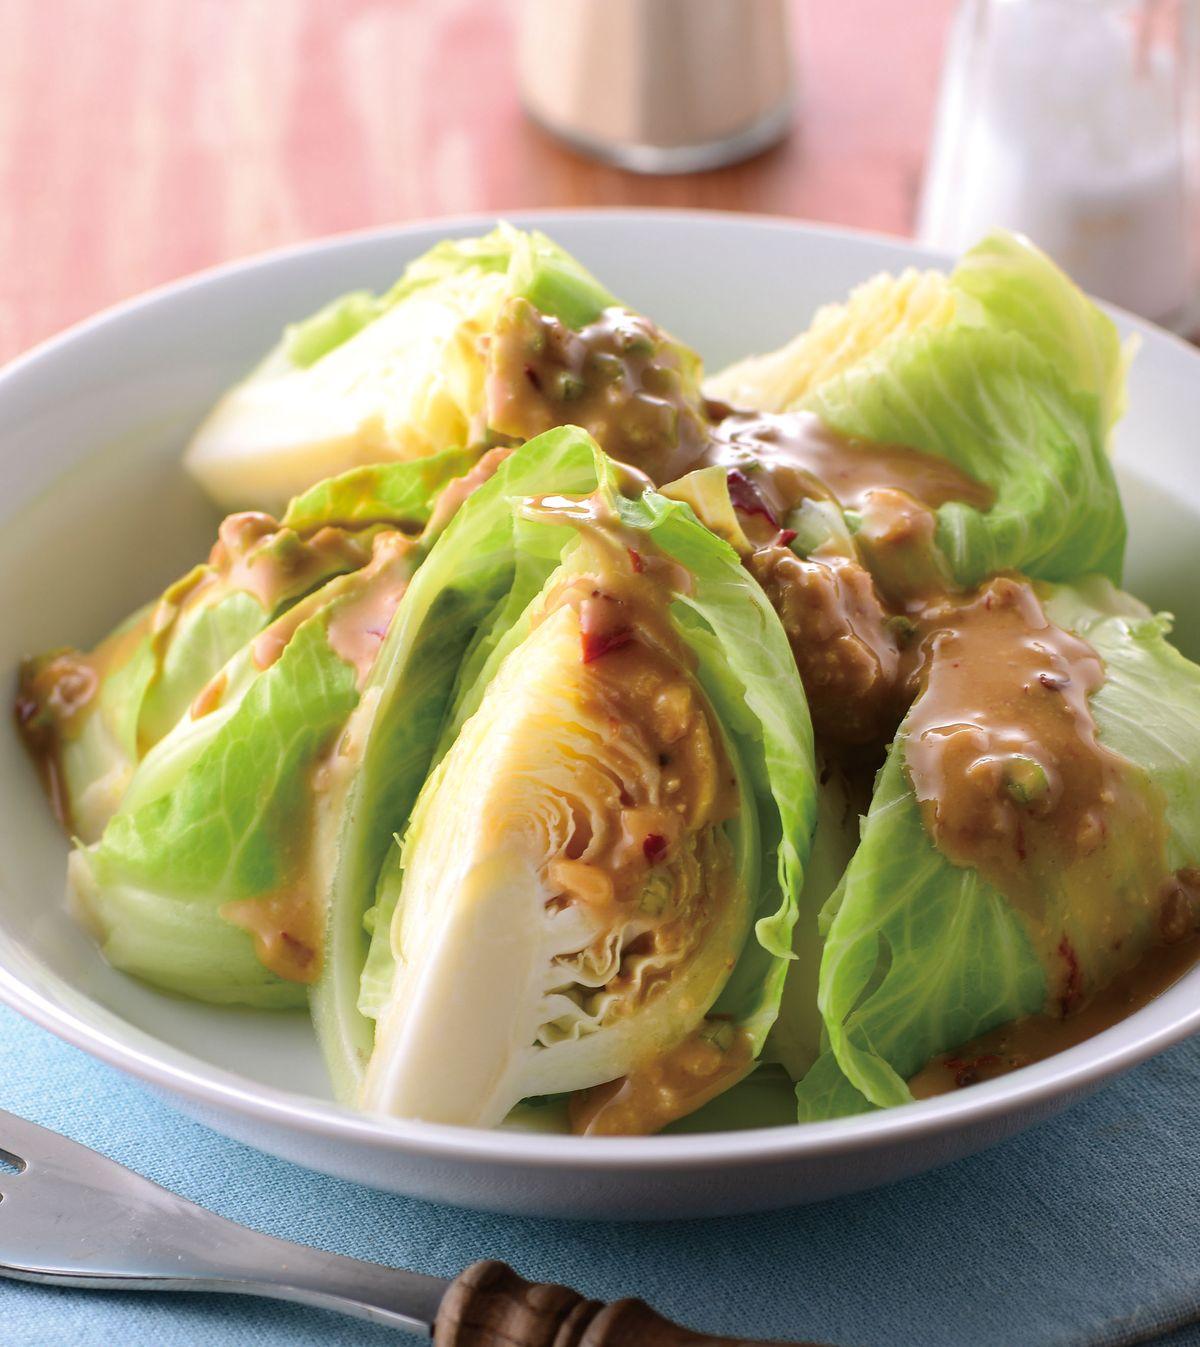 食譜:腐乳醬蒸高麗菜苗